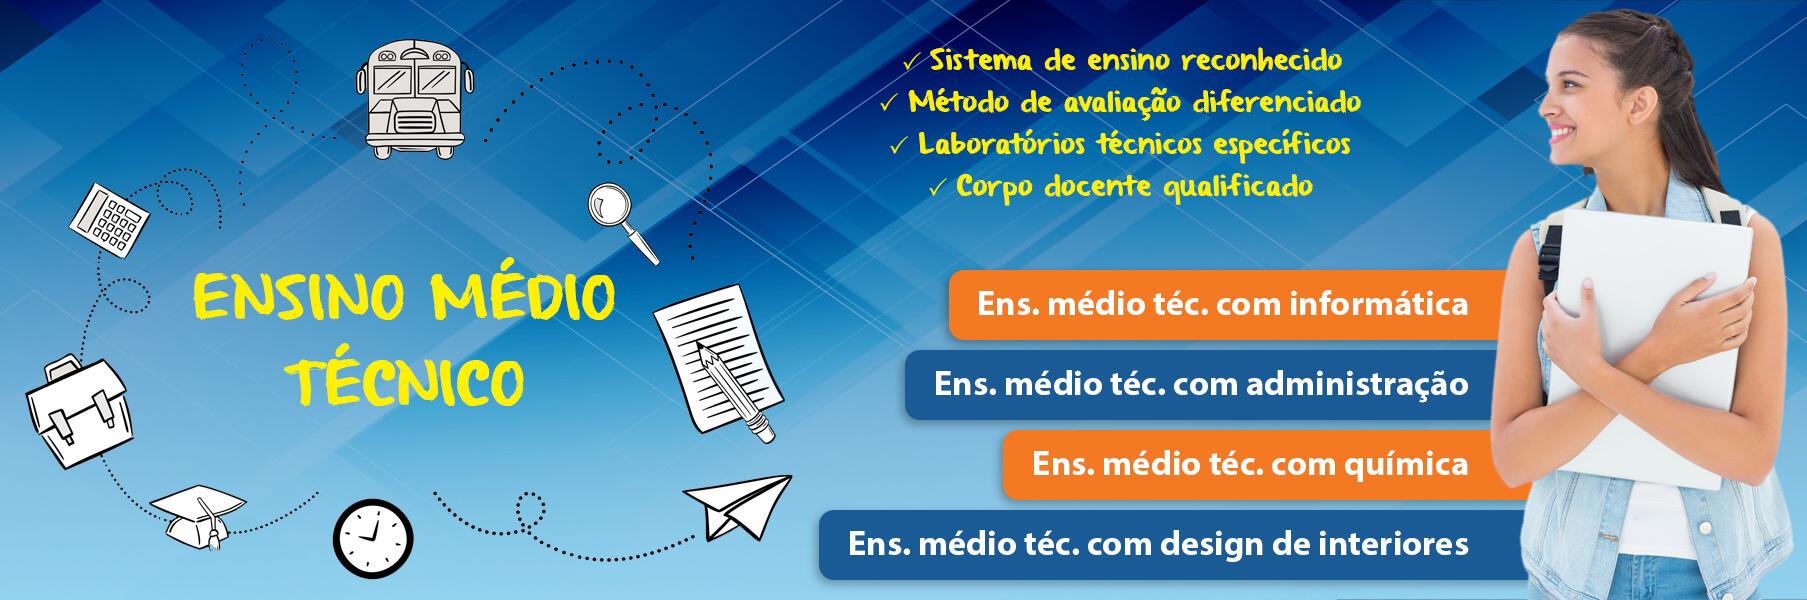 Colégio Educàre - São José dos Campos - Ensino Médio   Técnico 9c4149d4cc